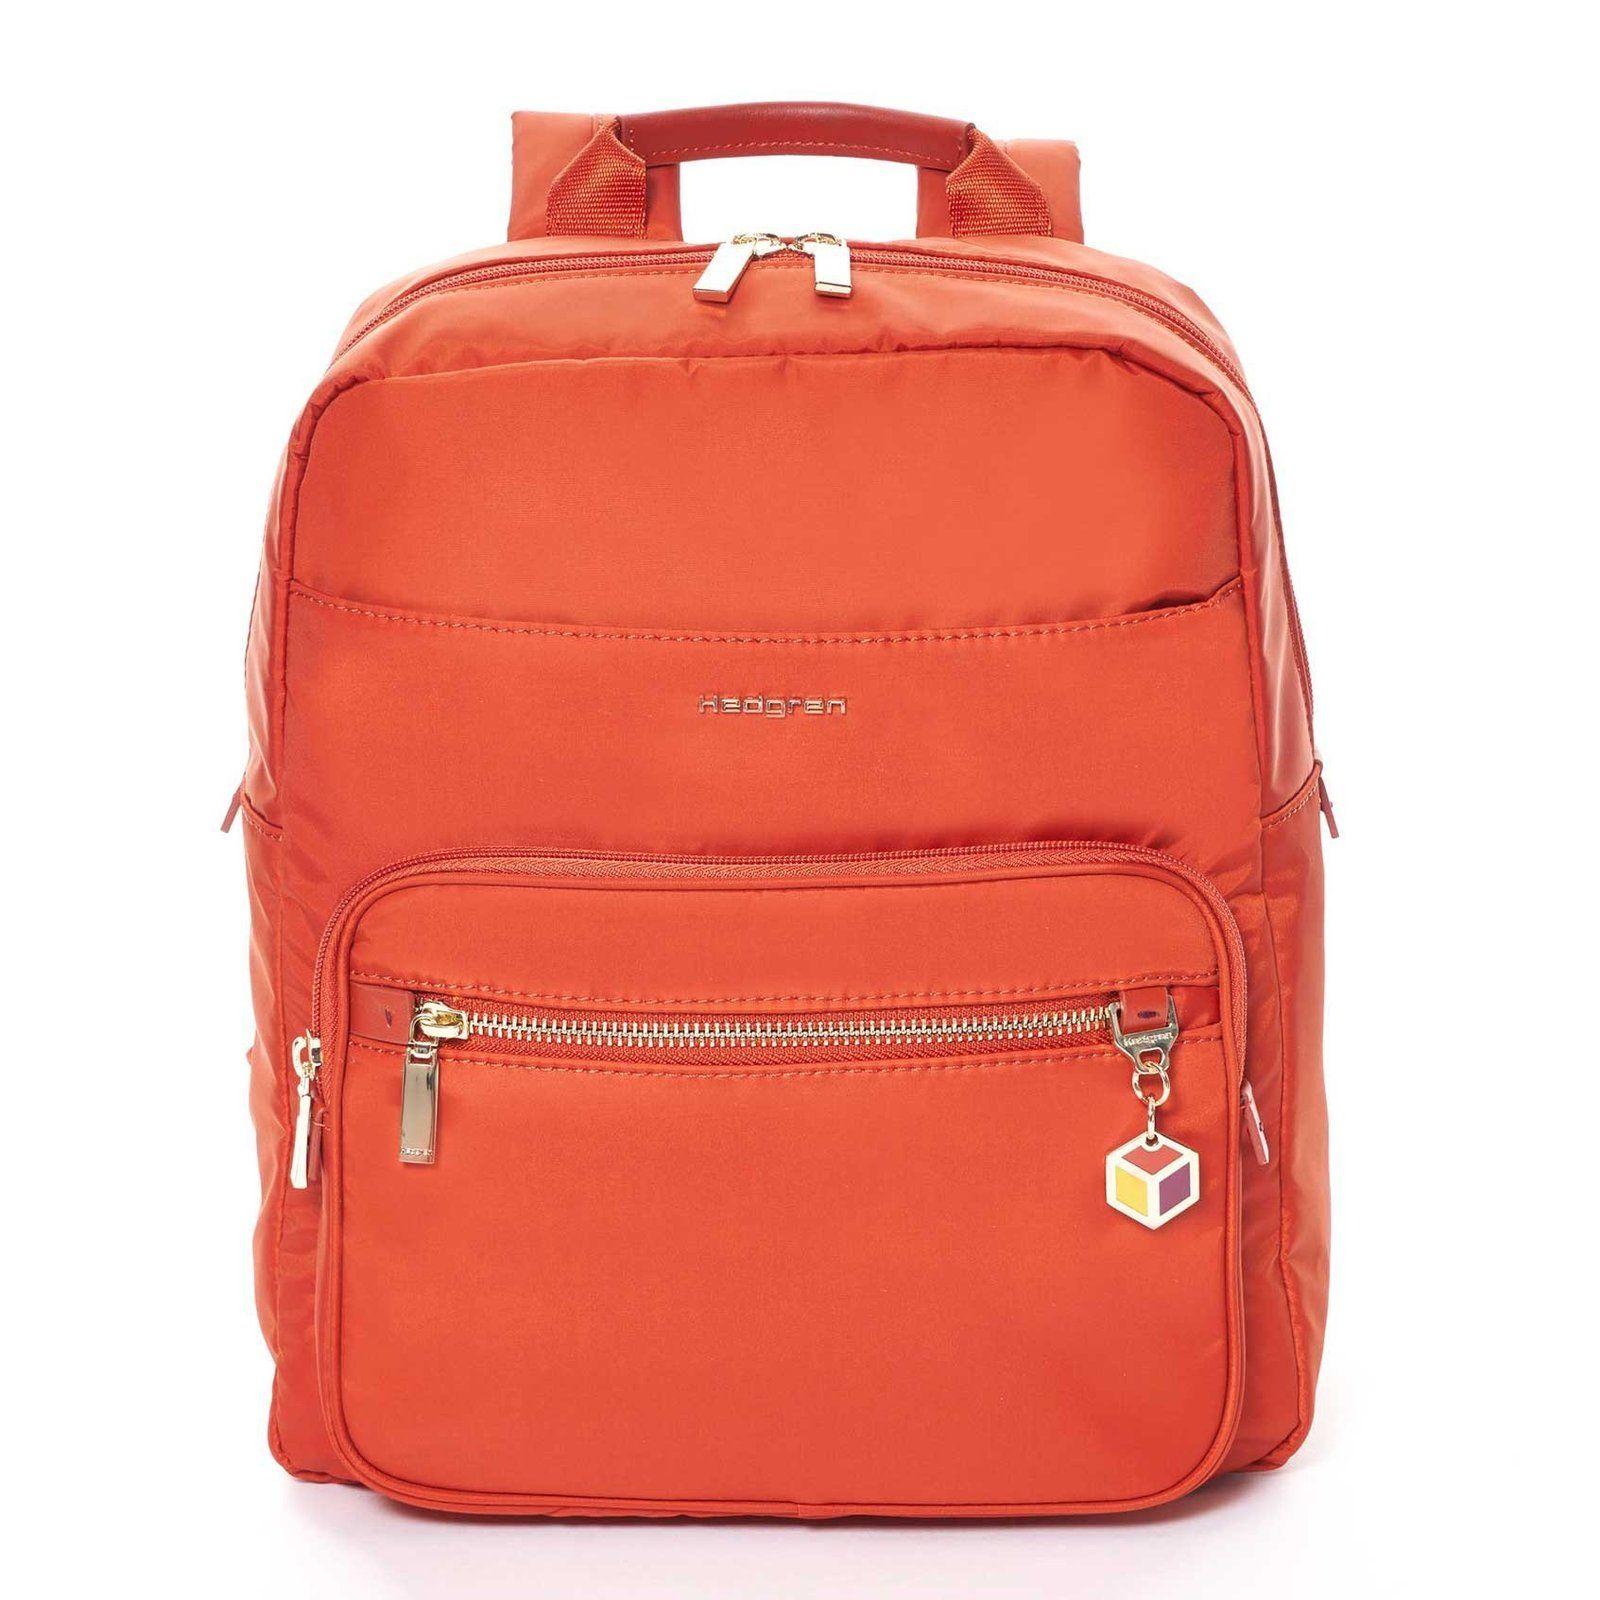 4b6b50fd3b689 Hedgren Charm Backpack SPELL